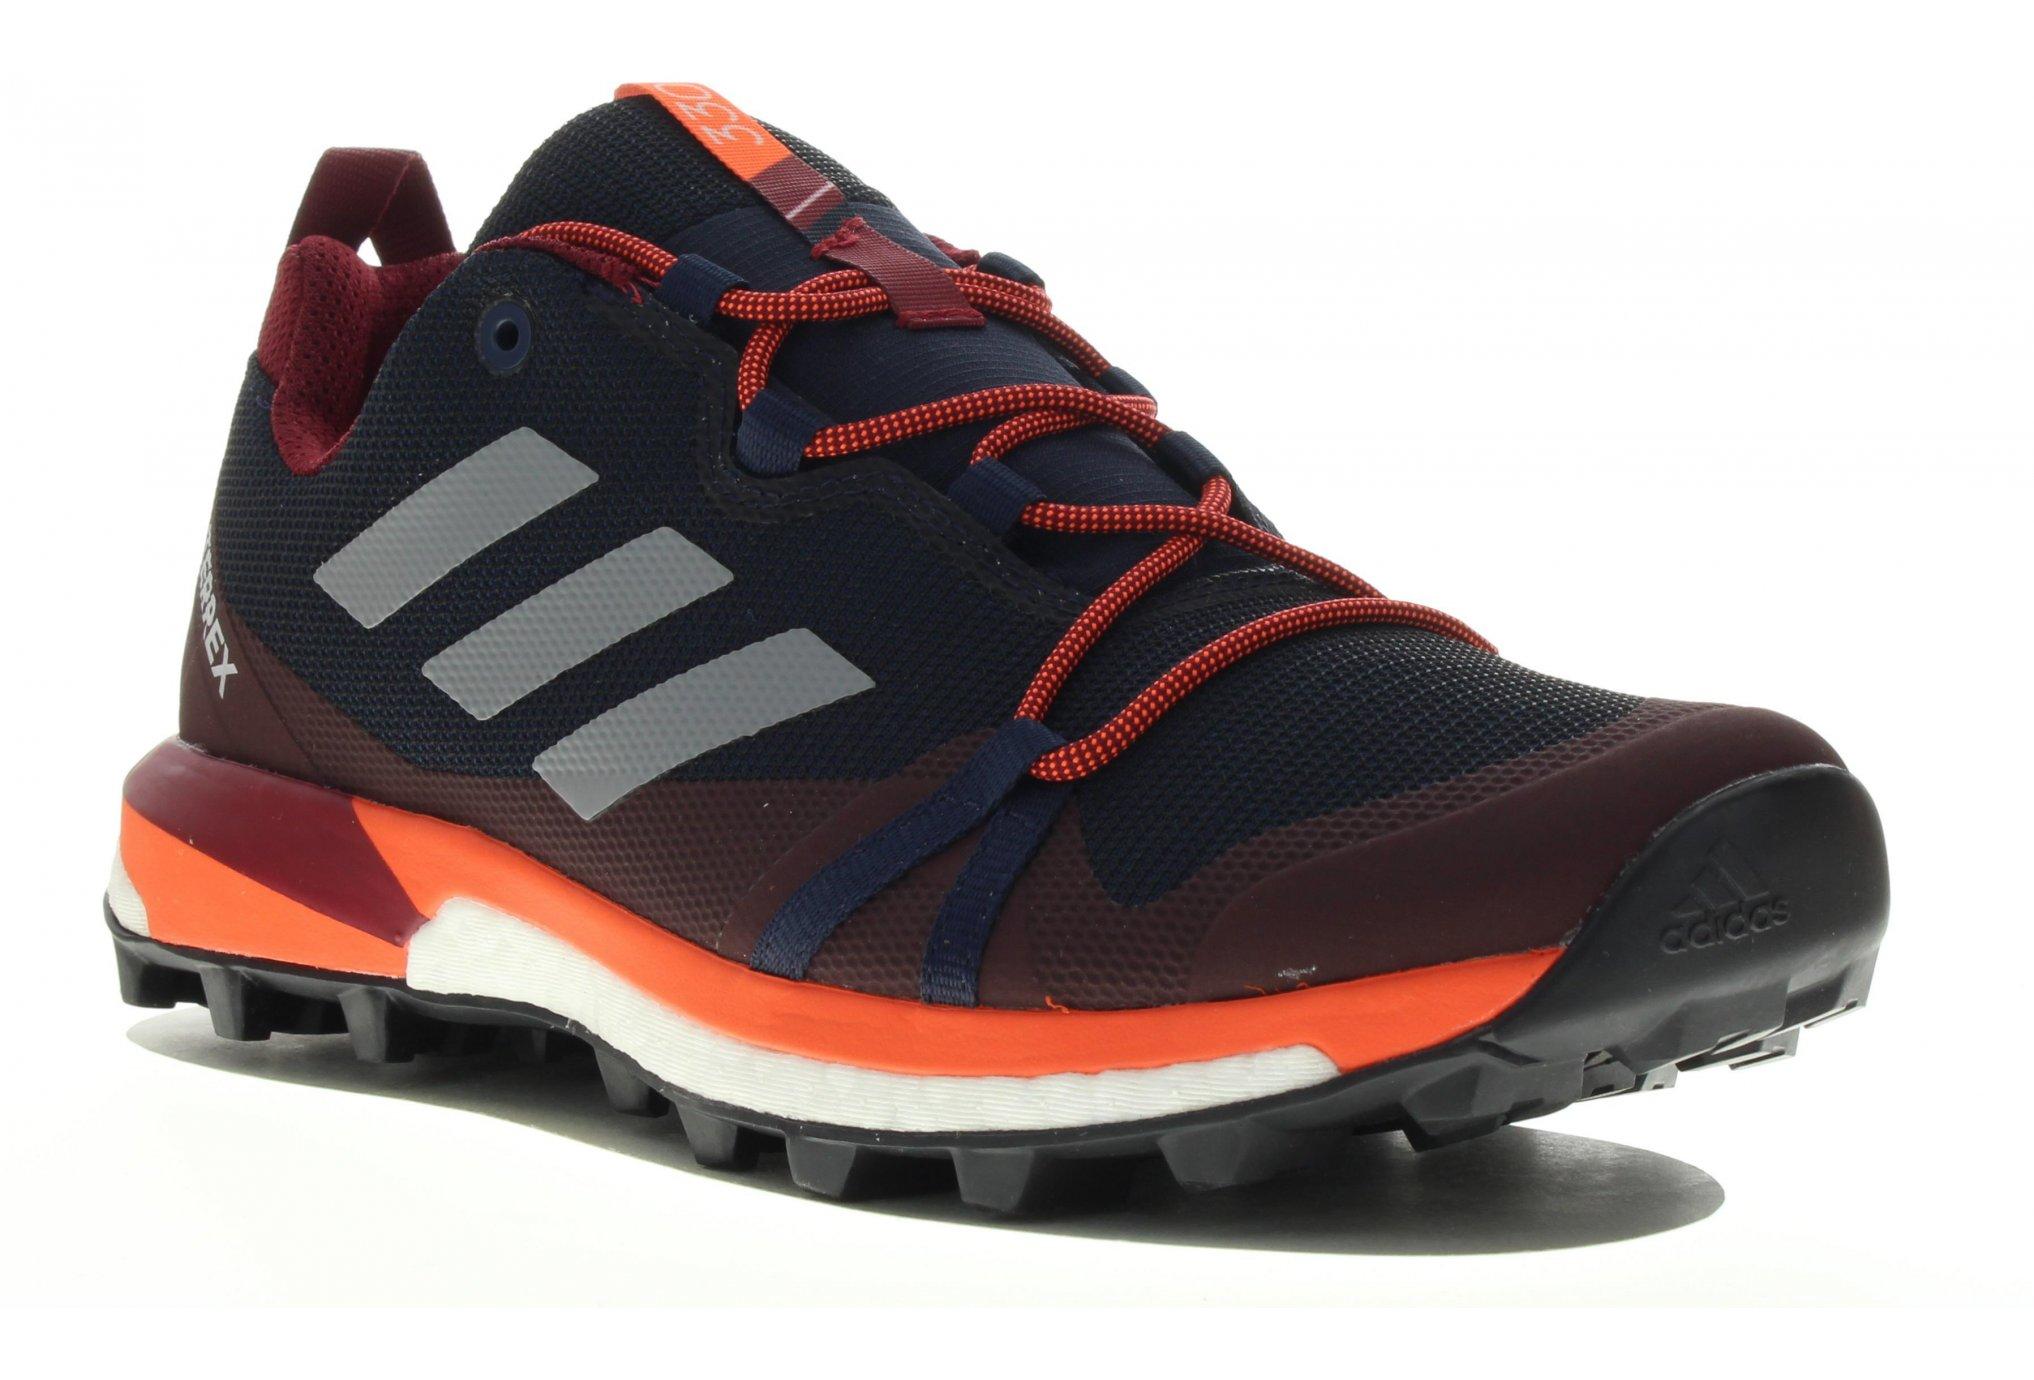 adidas Terrex Skychaser LT Chaussures homme